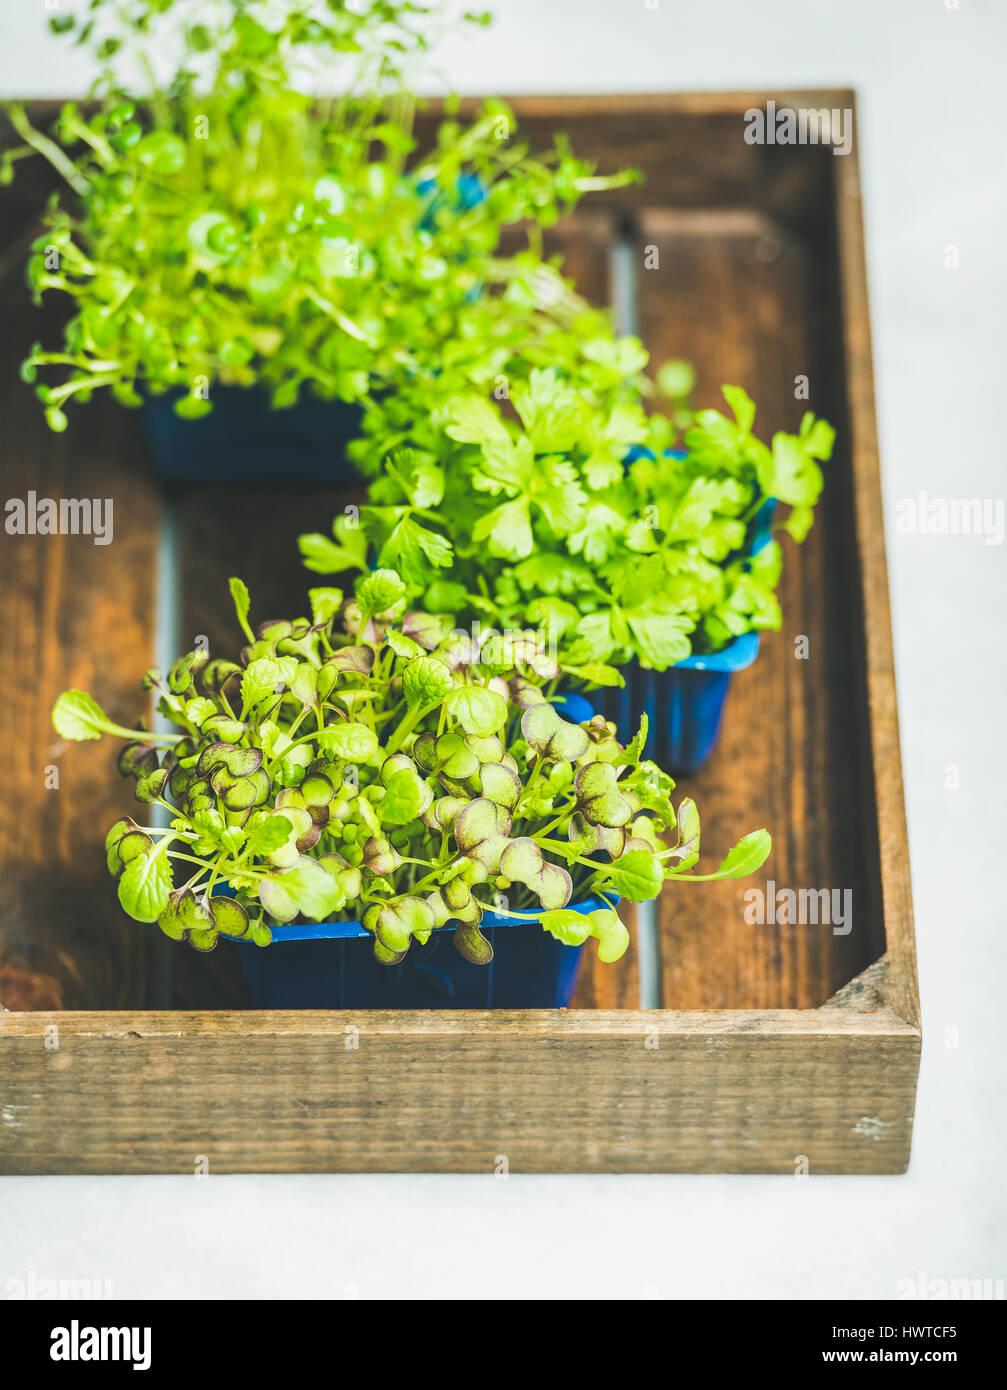 Il ravanello kress, acqua kress e coriandolo i germogli in scatola di legno Immagini Stock